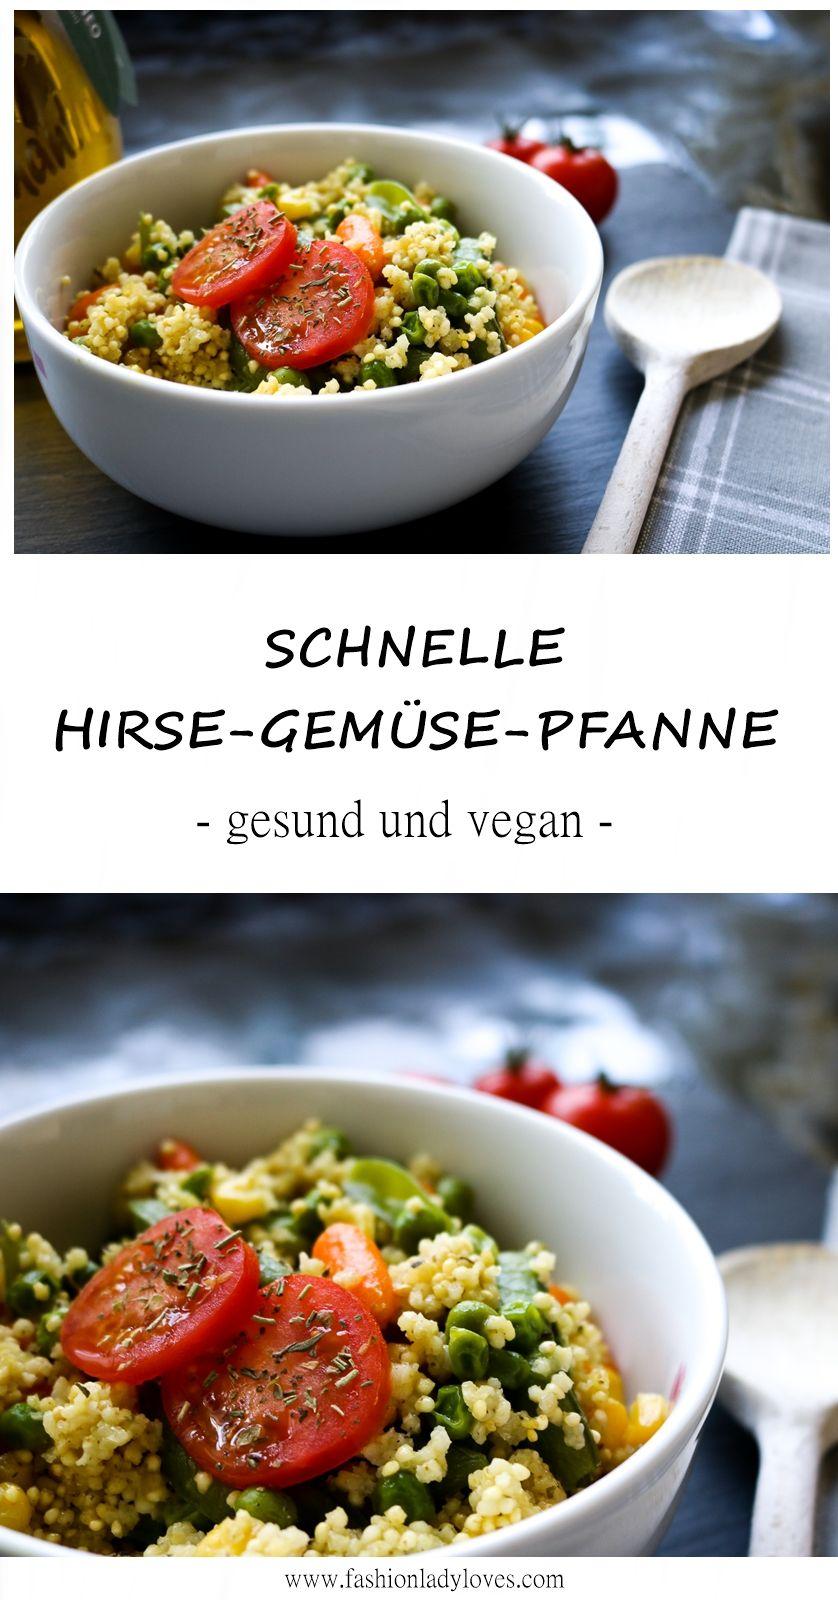 Schnelle Hirse-Gemüse-Pfanne | Fashionladyloves Lifestyle ...